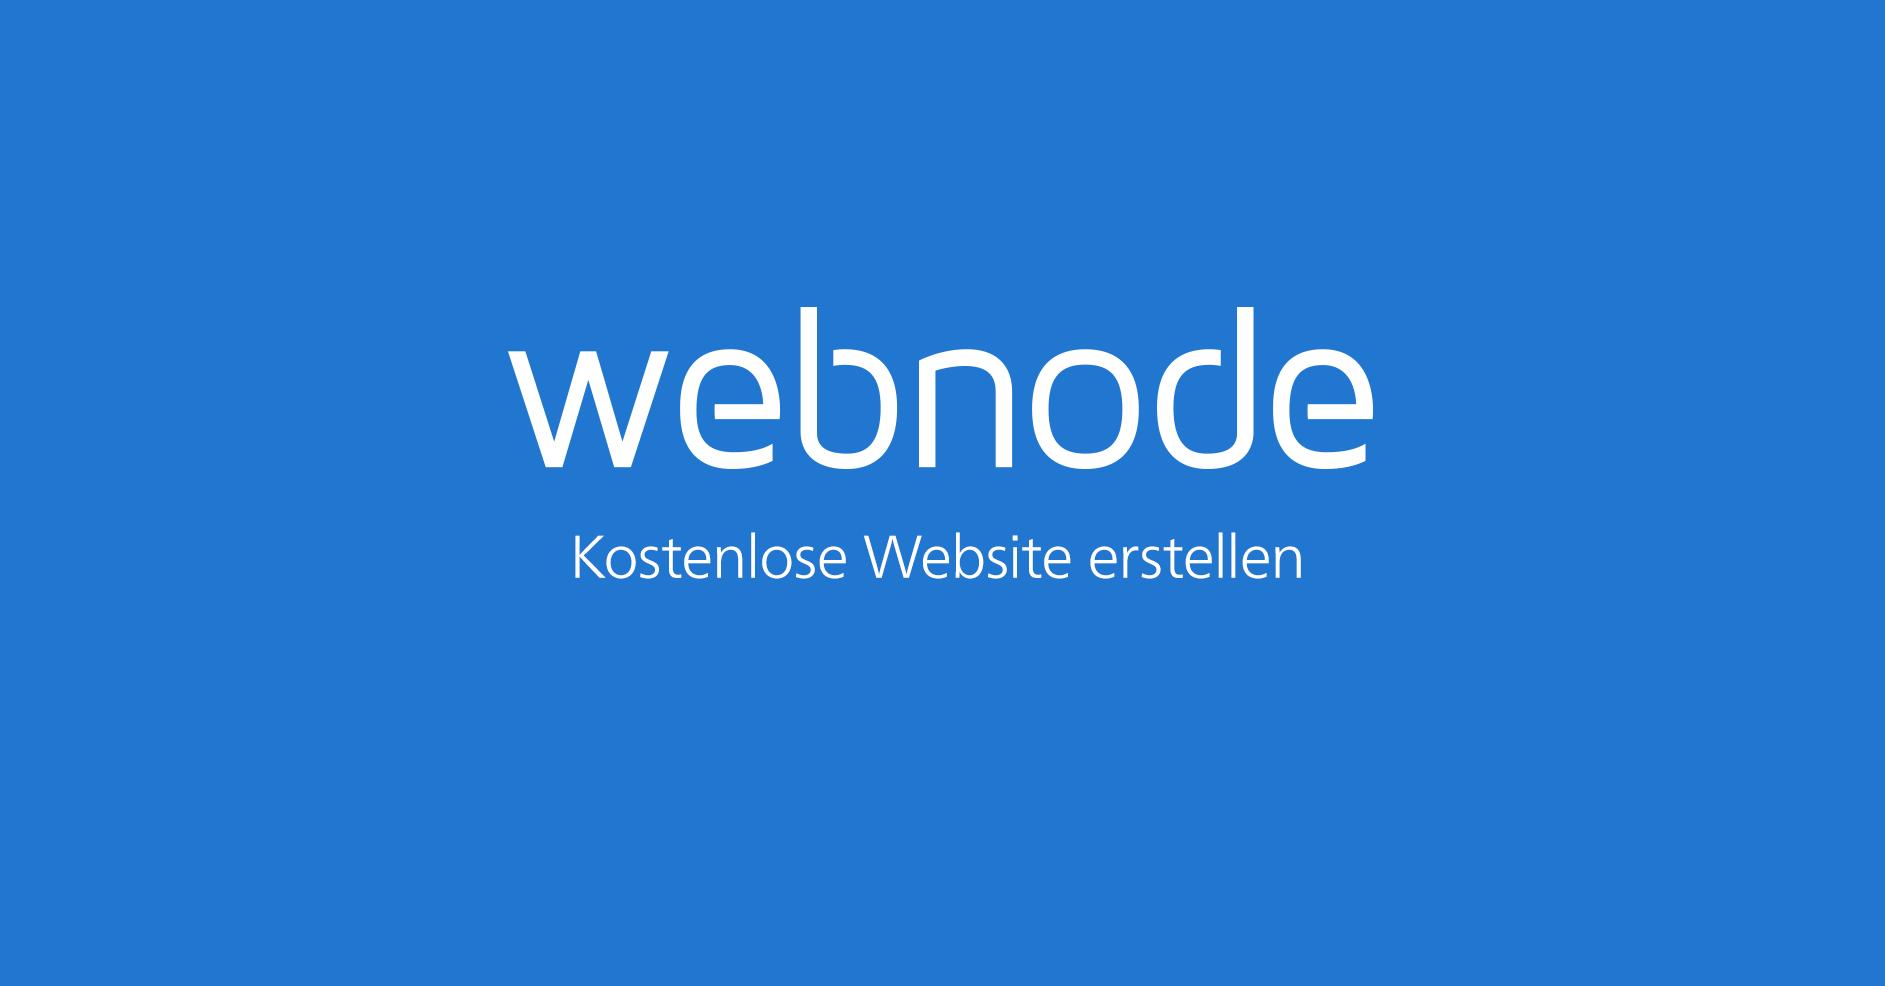 (c) Webnode.com